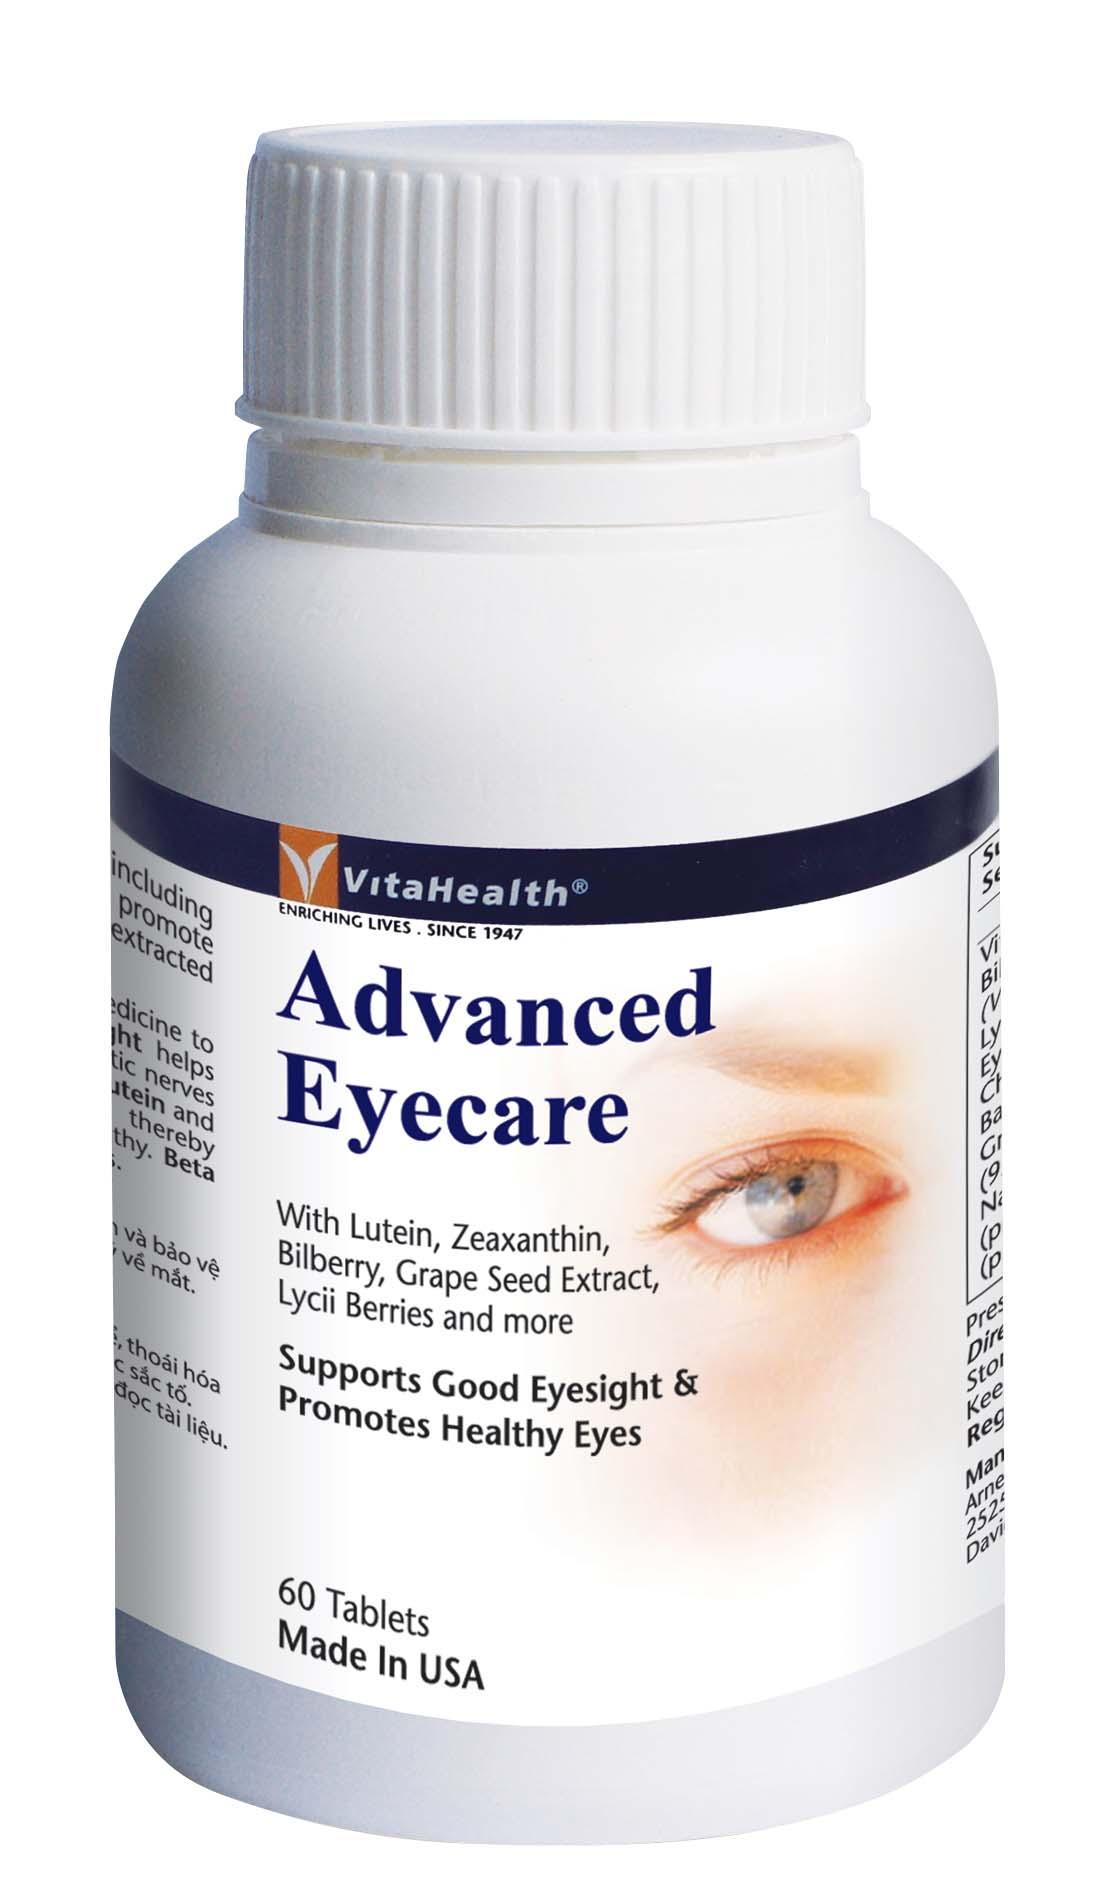 Thực phẩm chức năng Vitahealth Advanced Eyecare